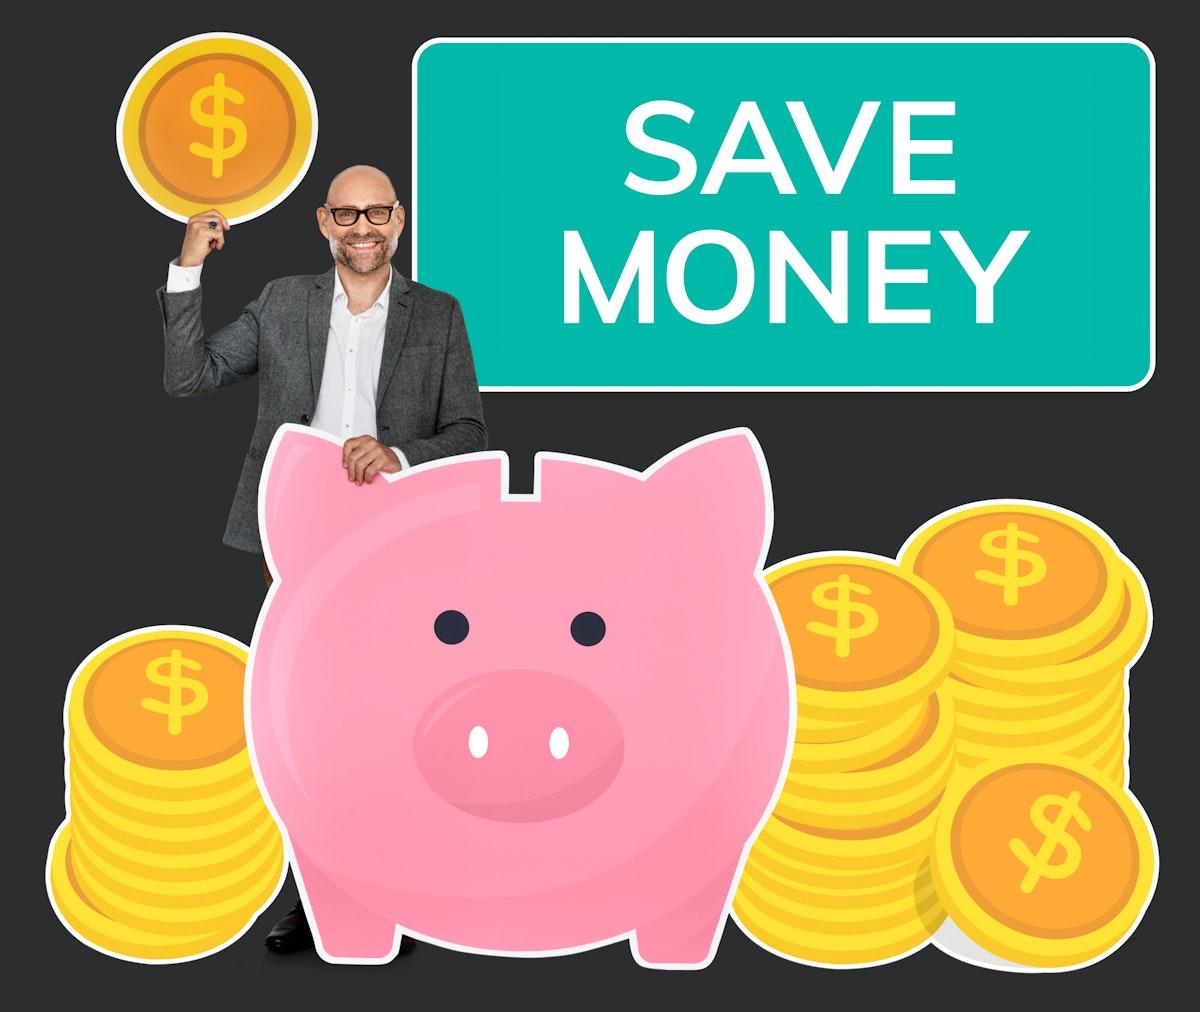 Businessman saving money in a piggy bank